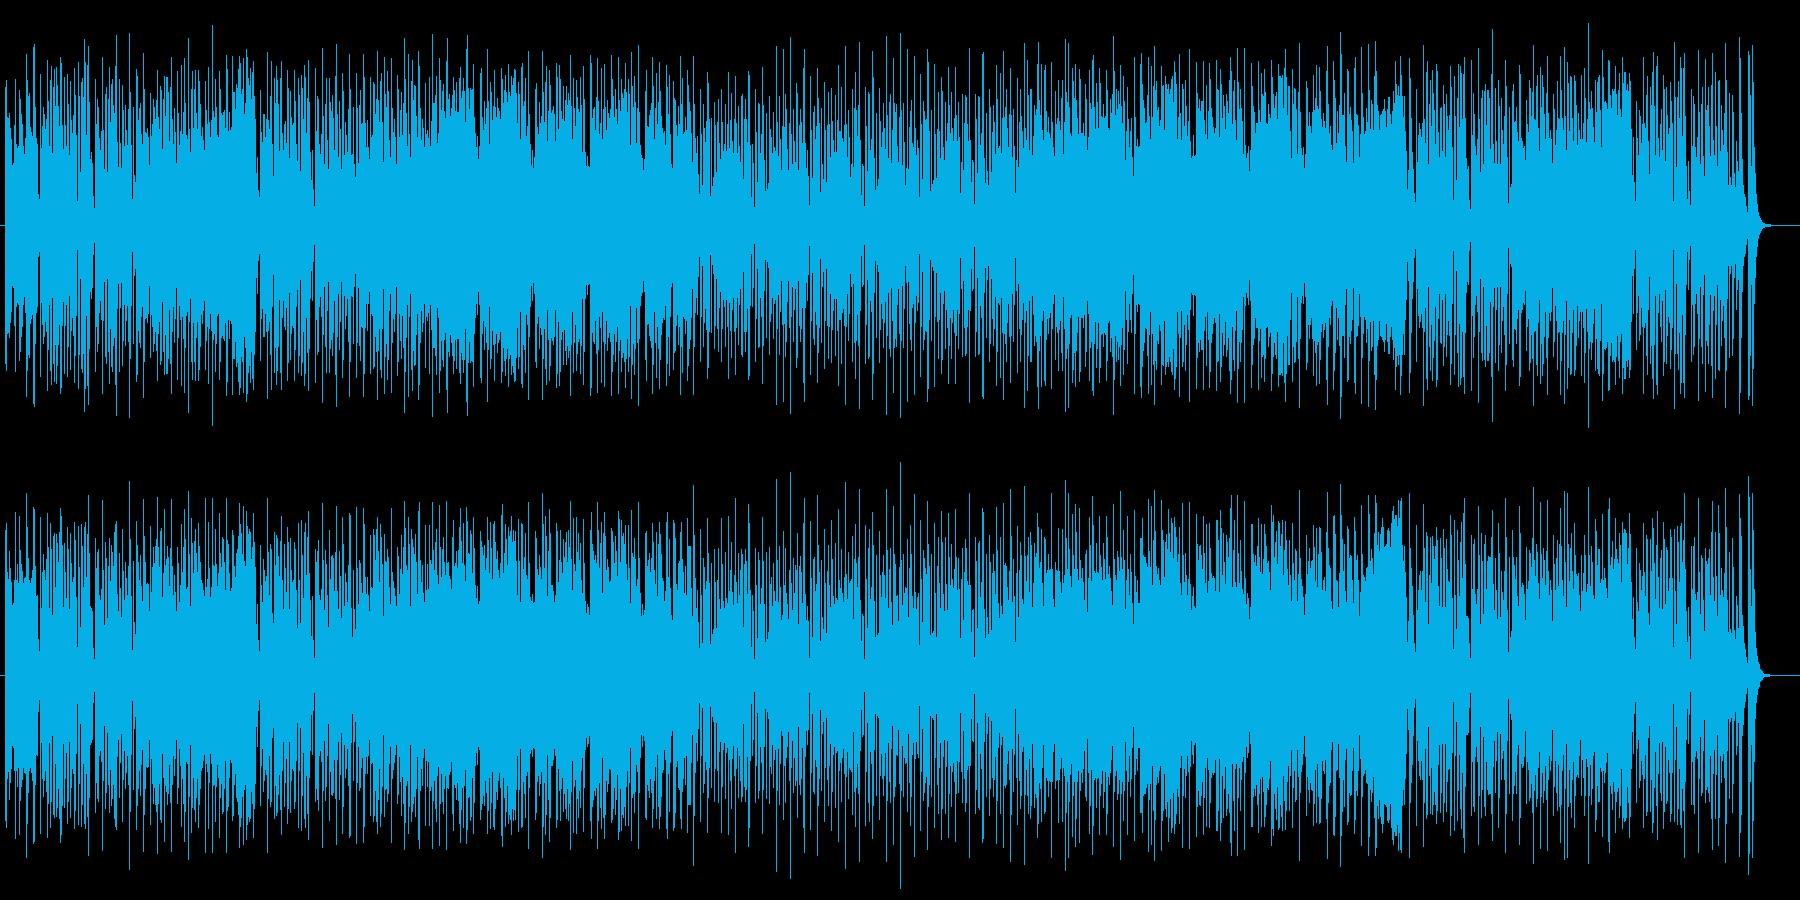 ポップで明るいトランペットポップスの再生済みの波形